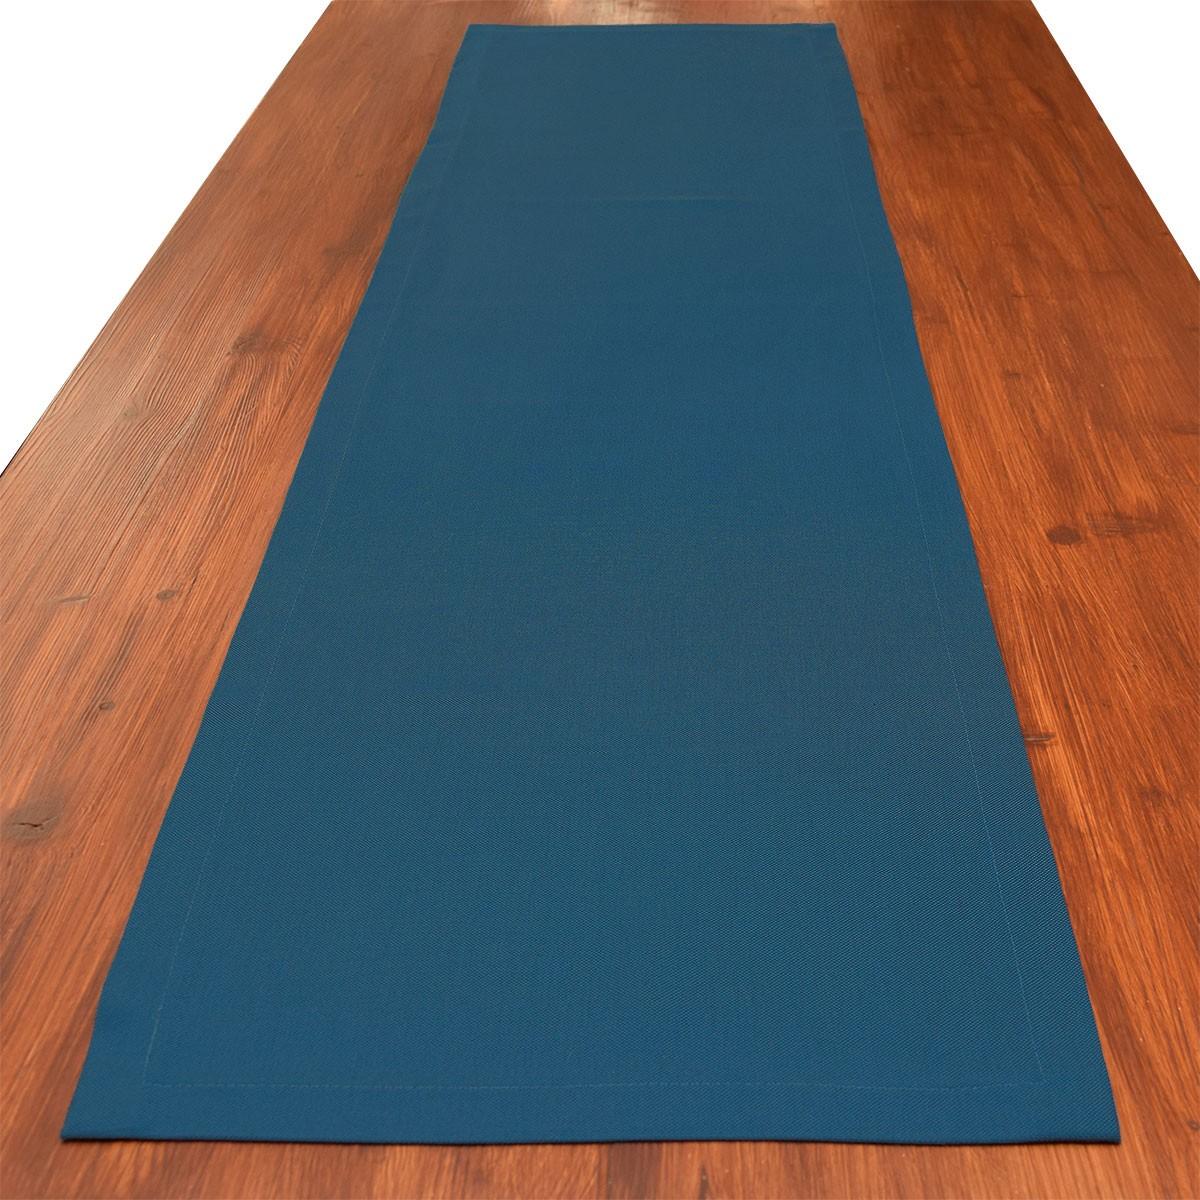 Tischläufer Husum blau uni gedeckt